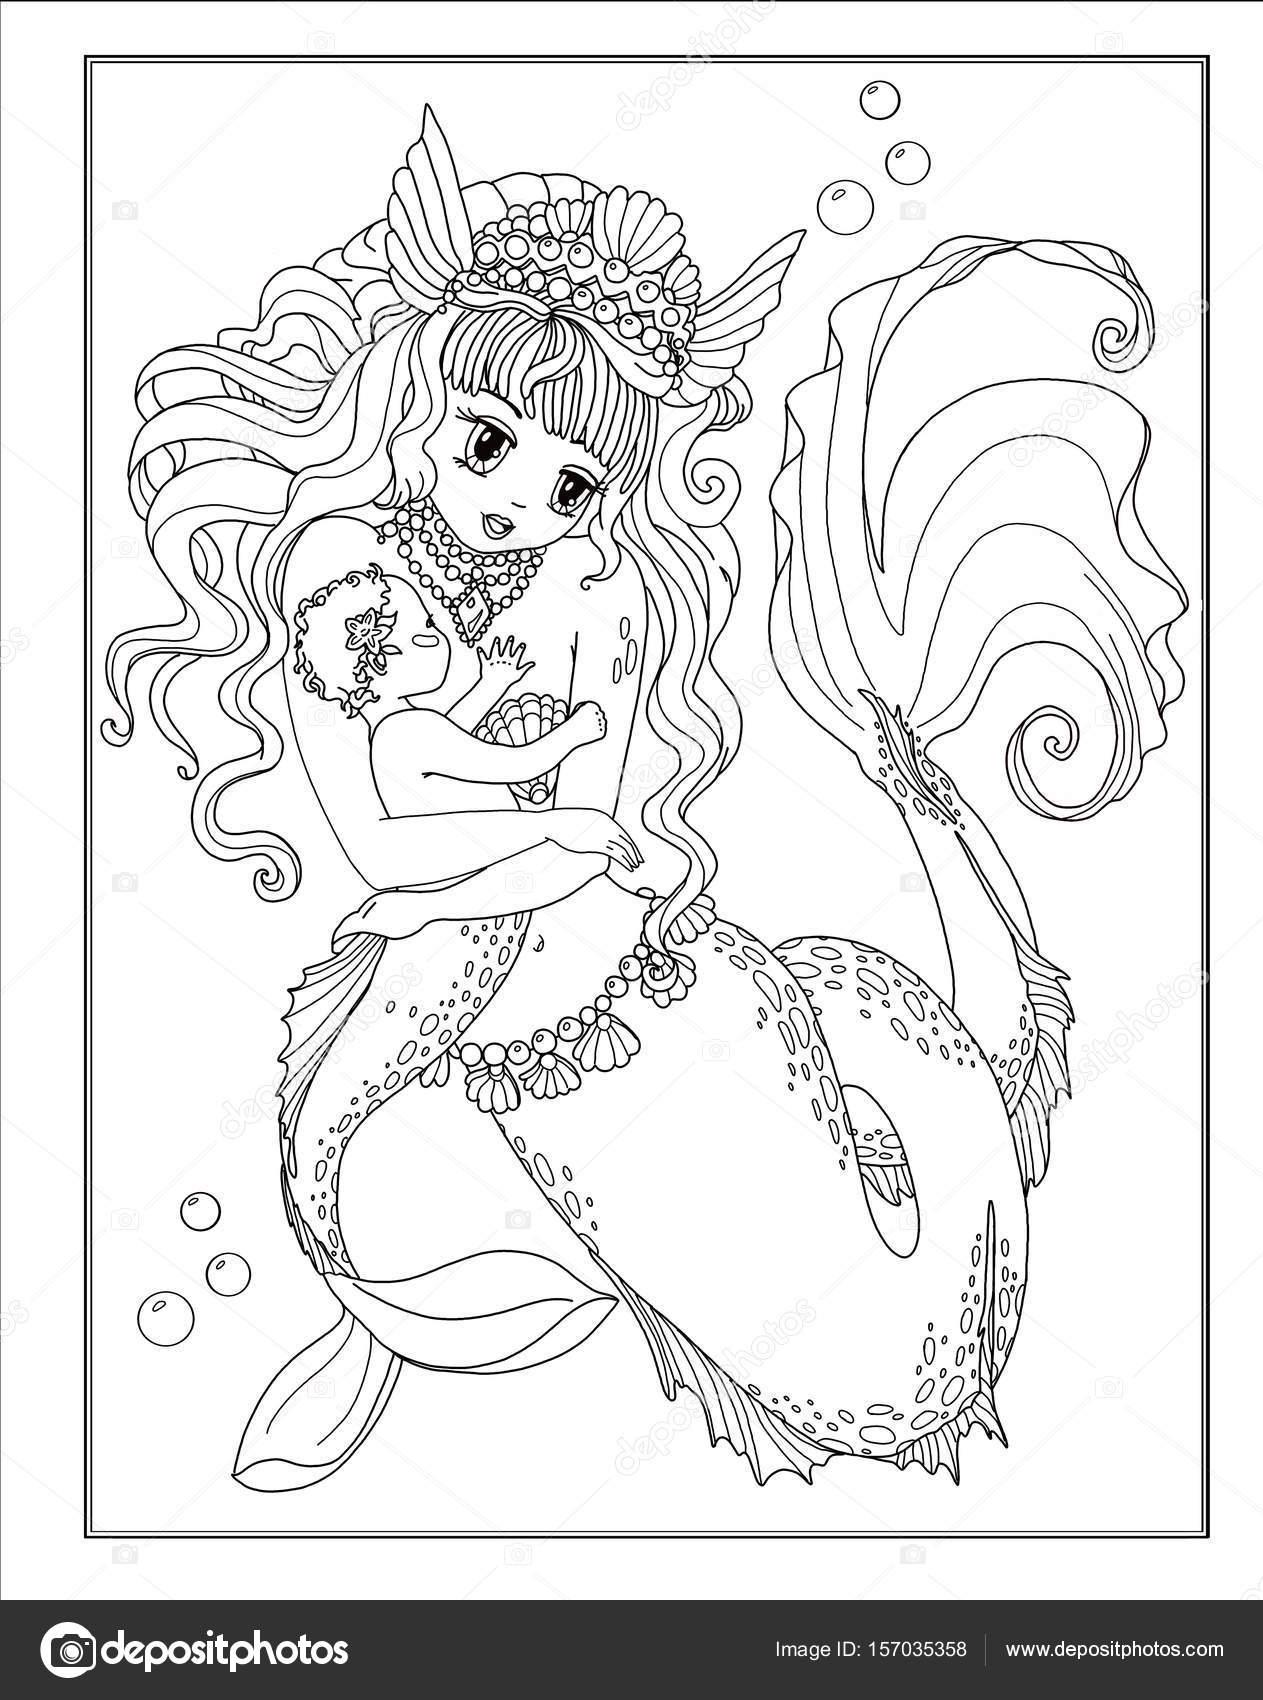 Elegant Ausmalbilder Feen Und Meerjungfrauen - Art von Malvorlagen